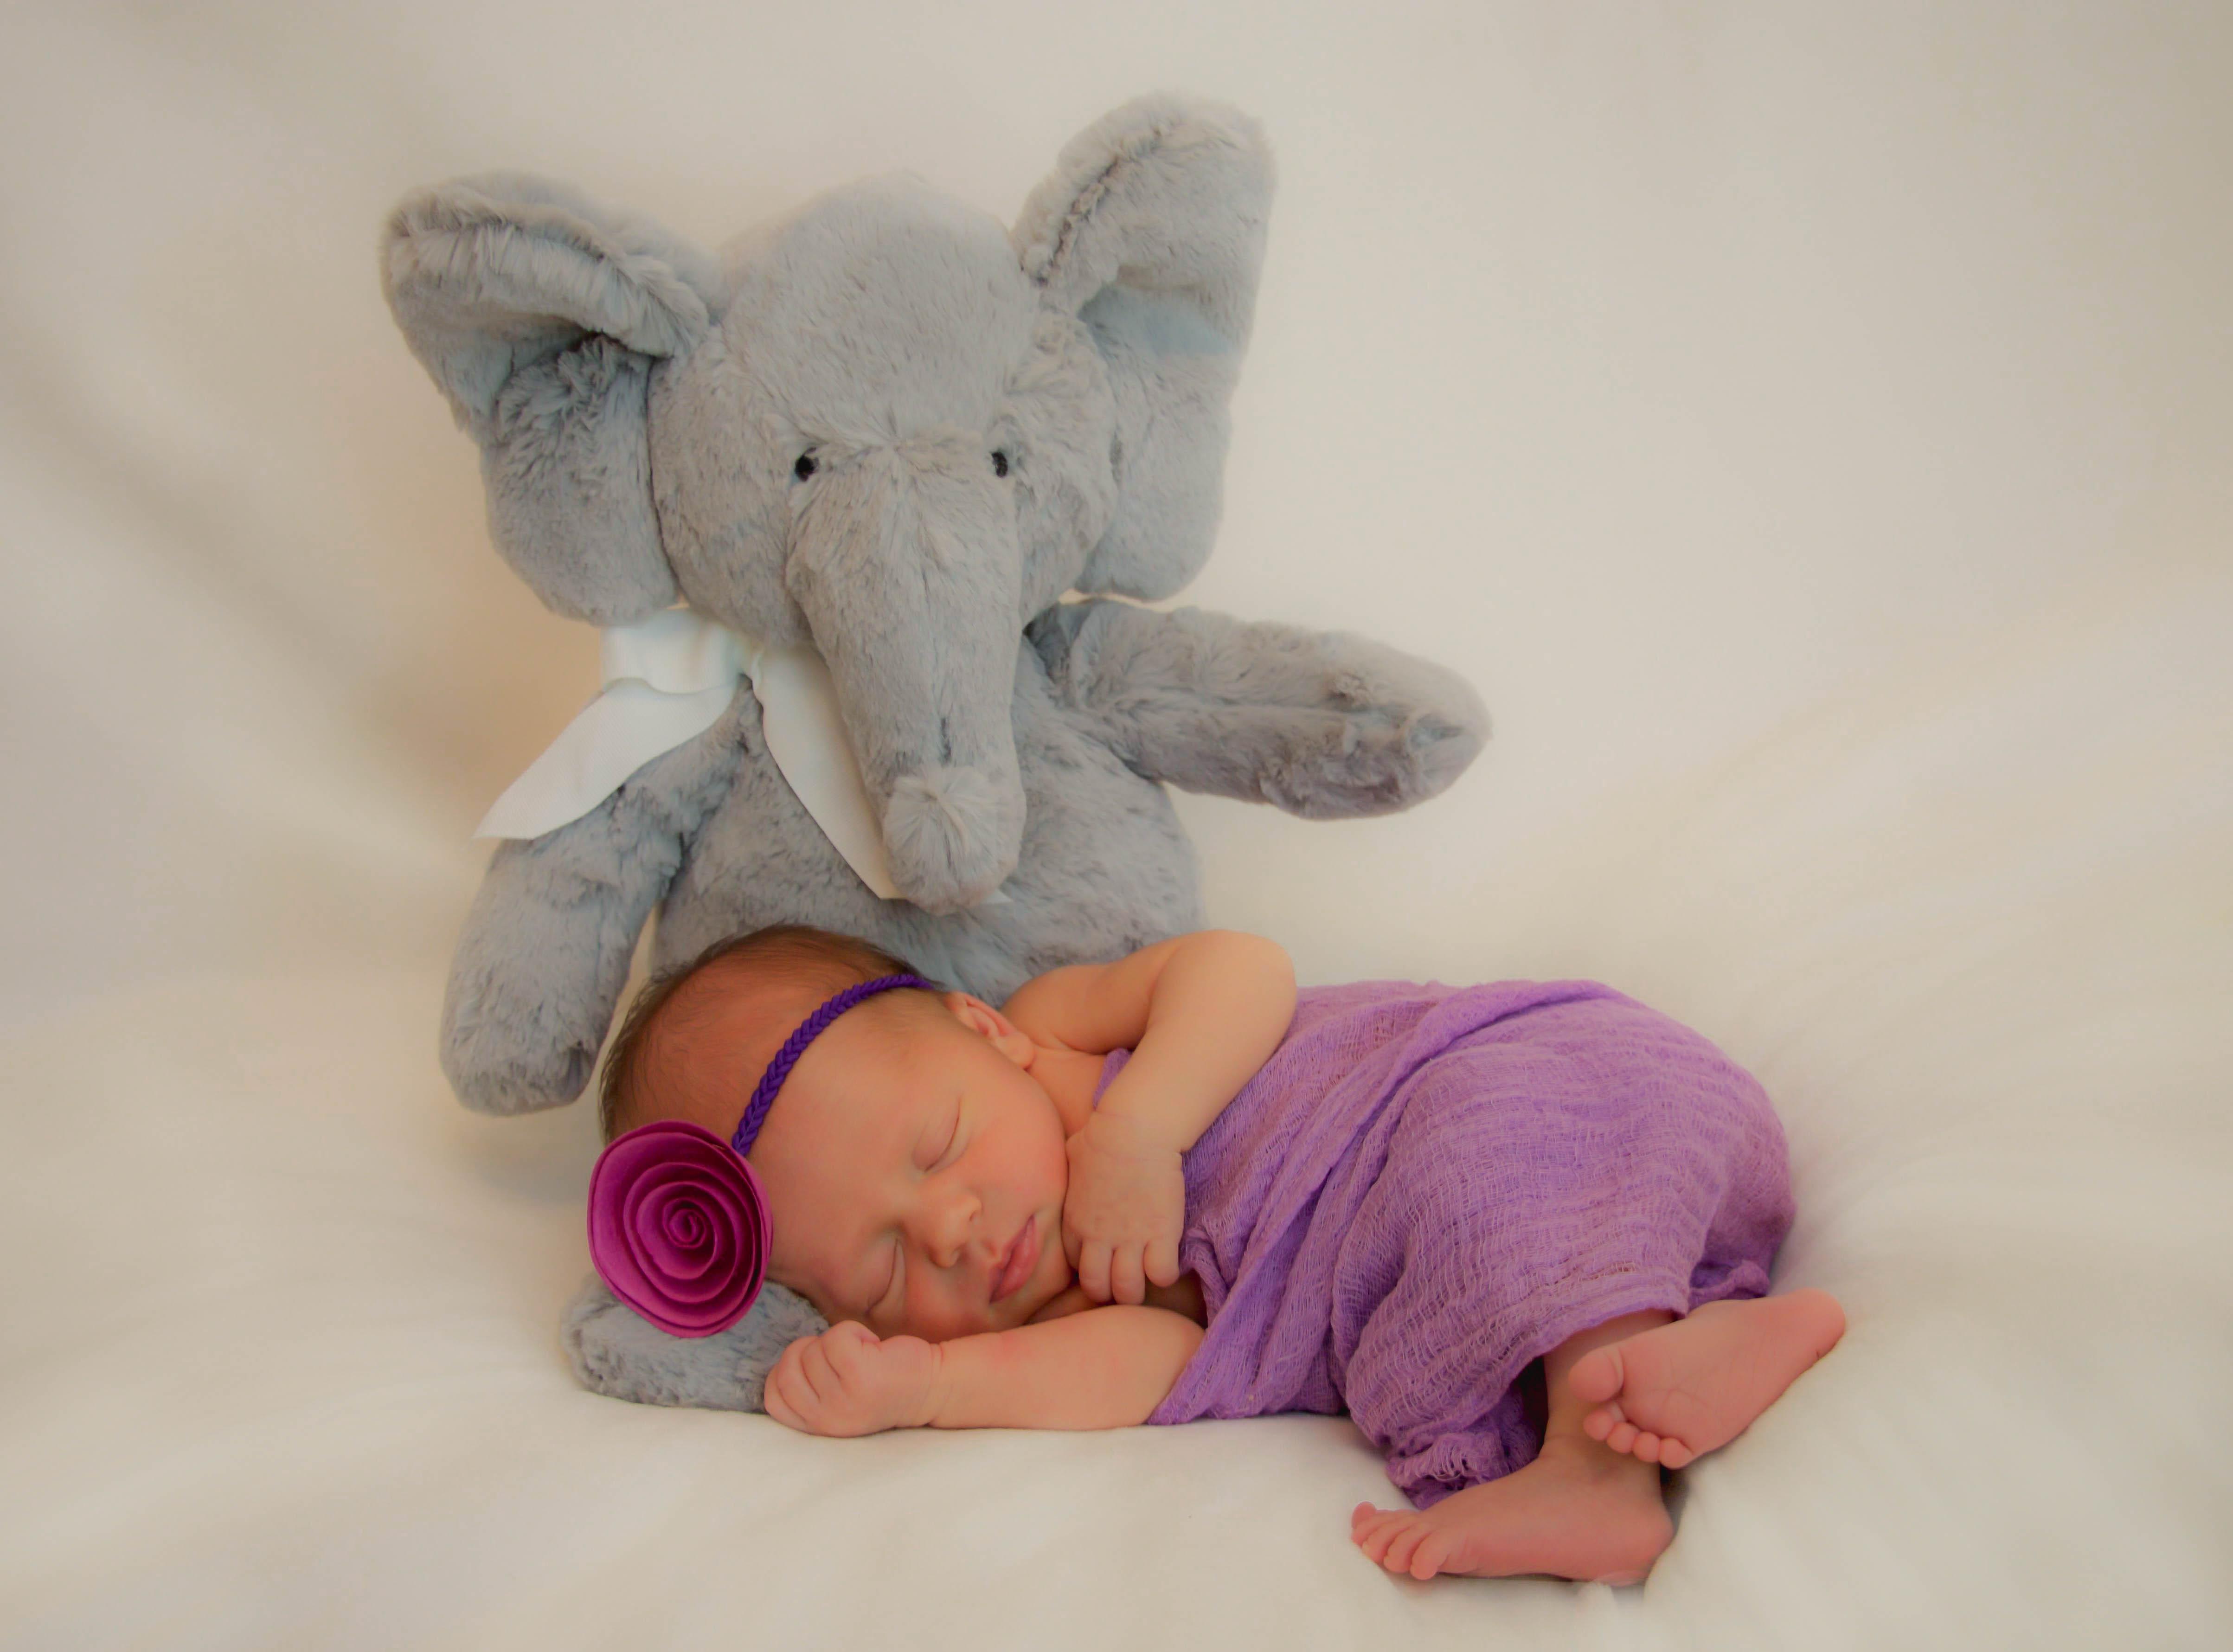 Final elephant